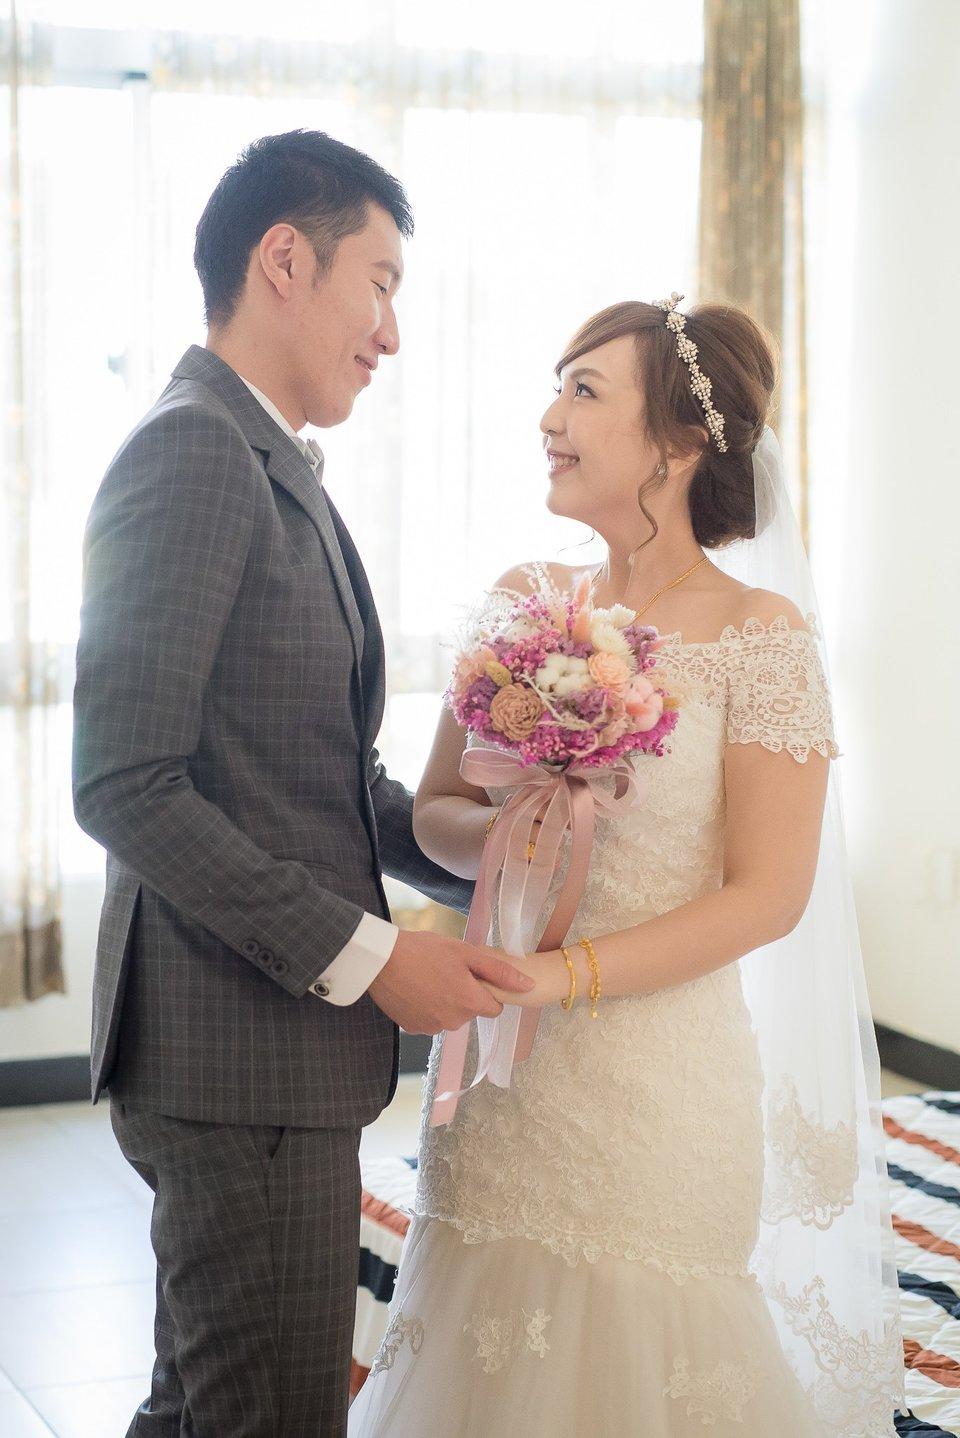 紅花婚禮情感紀實,很幸運的認識了皓子~選擇他就對了>w<